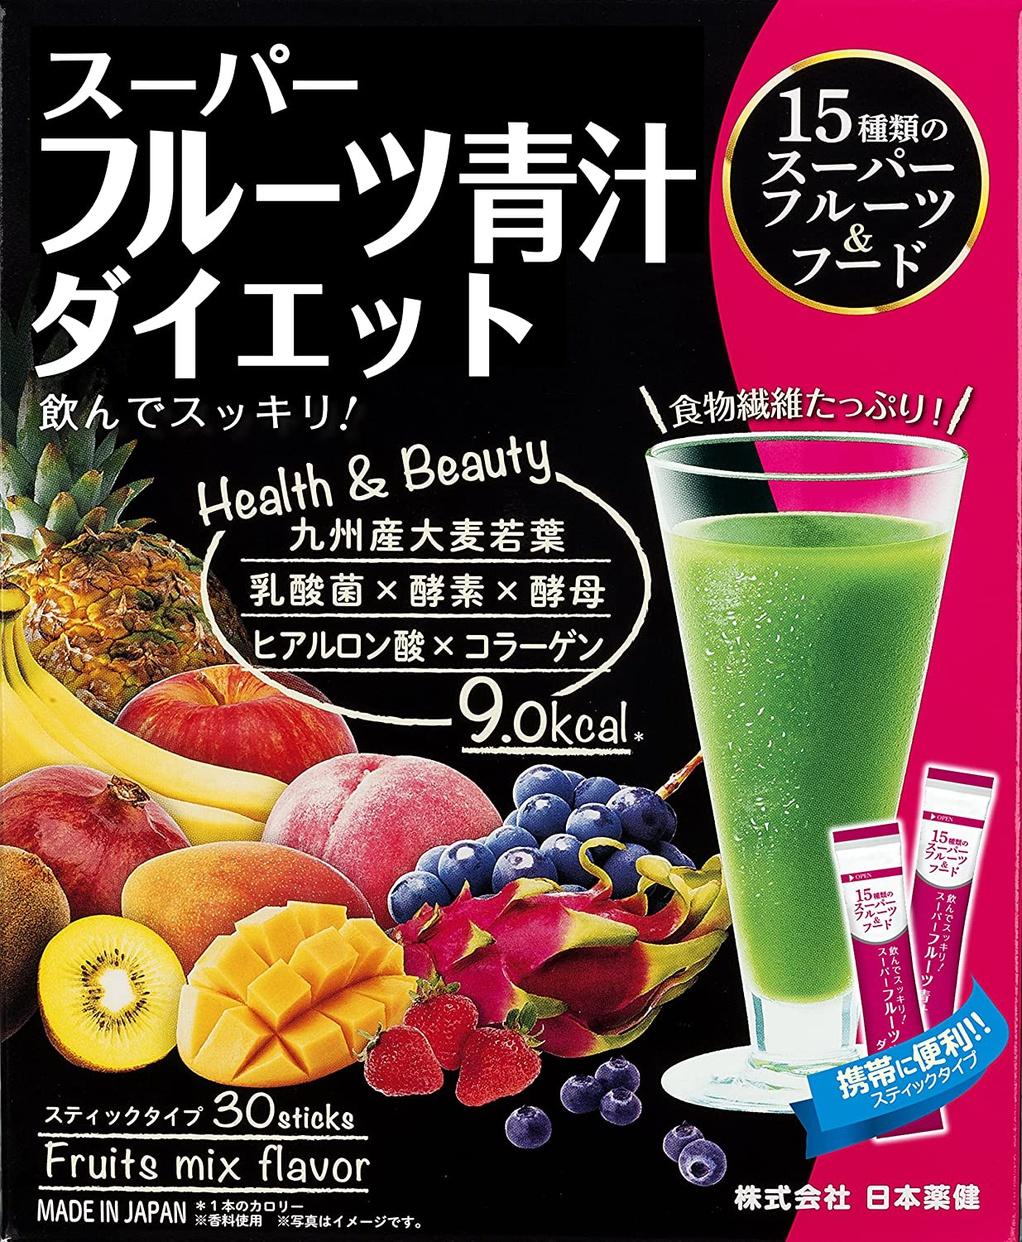 日本薬健 スーパーフルーツ 青汁 ダイエット